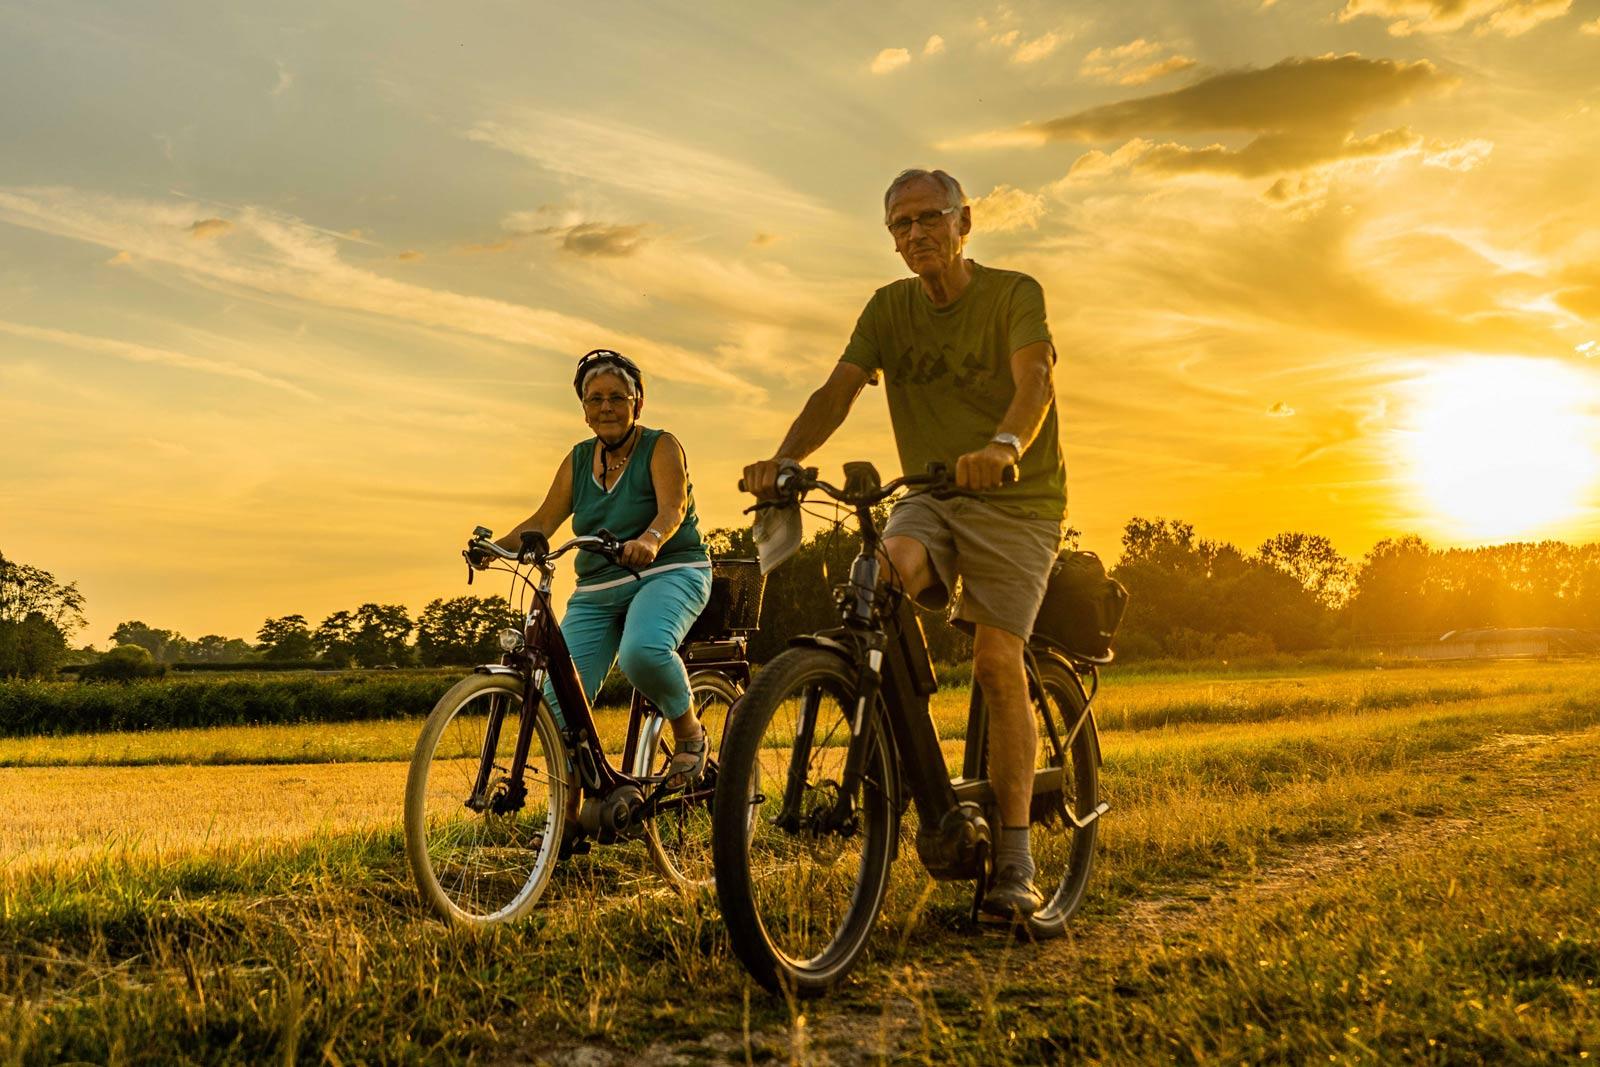 Ein älterer Mann und eine ältere Frau fahren mit dem Rad in der Abensonne über ein Feld.